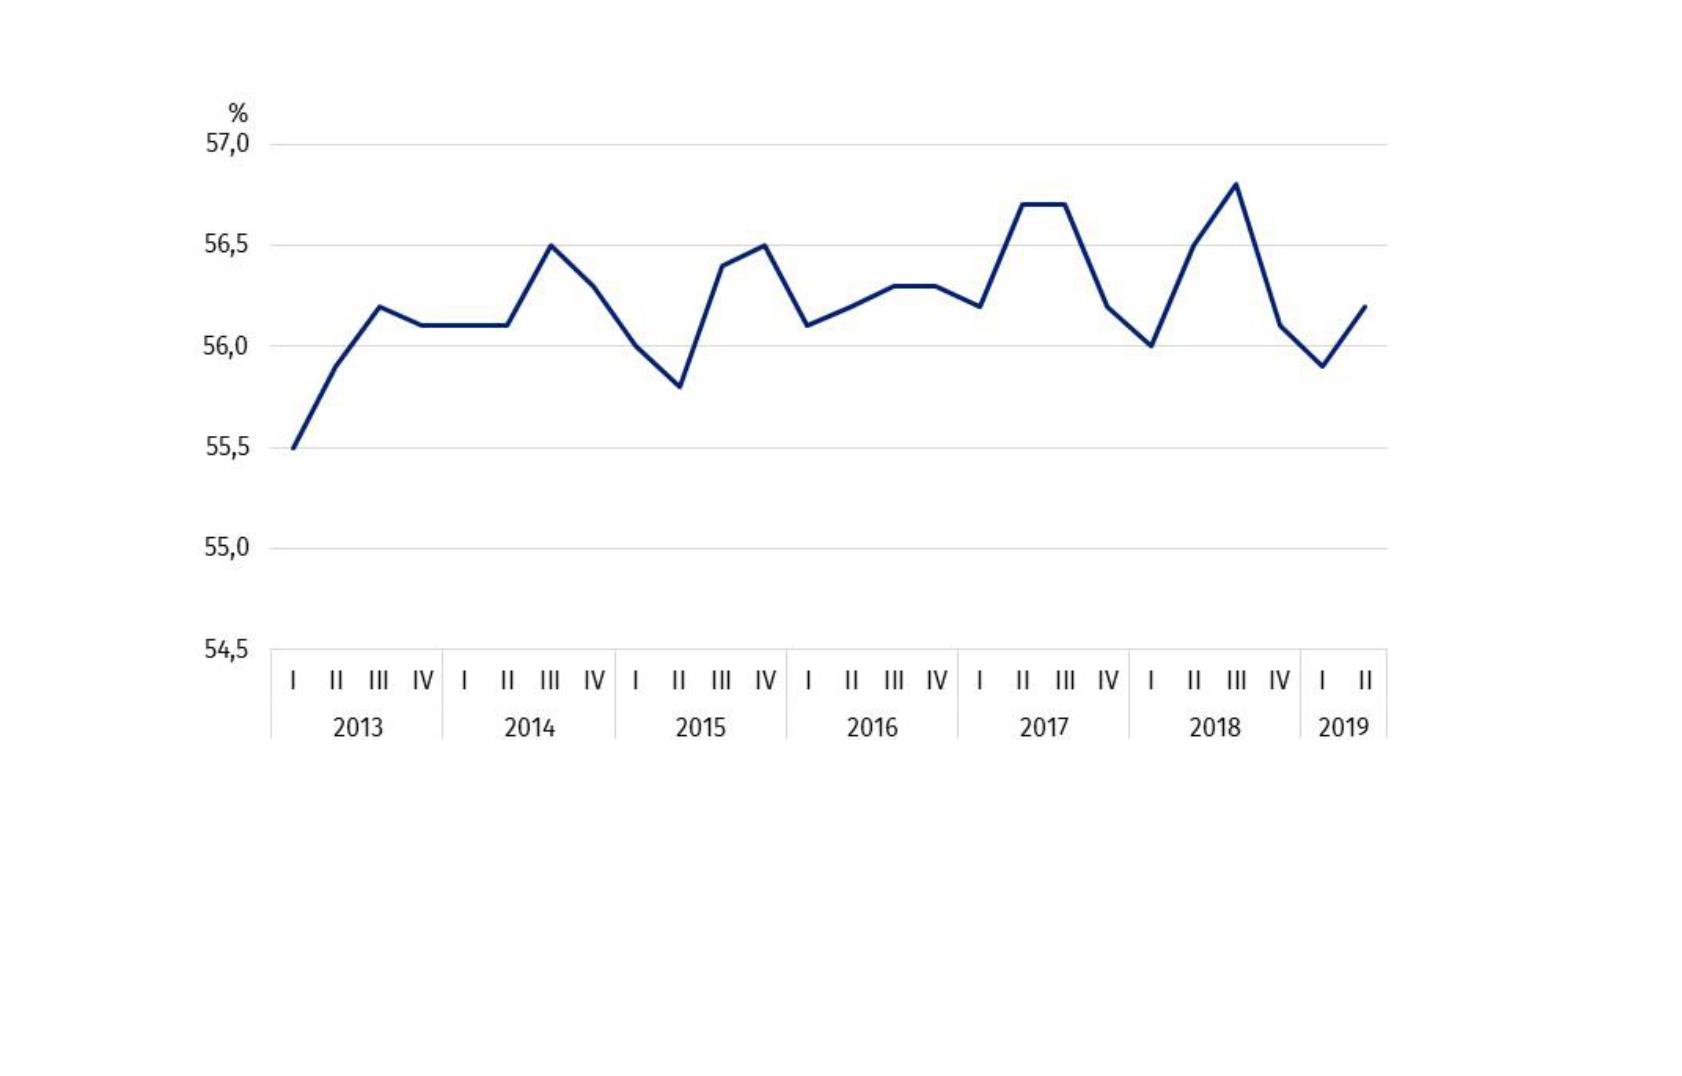 Współczynnik aktywności zawodowej dla osób w wieku 15 lat i więcej. (źródło: GUS/Informacja o rynku pracy w drugim kwartale 2019 r.)